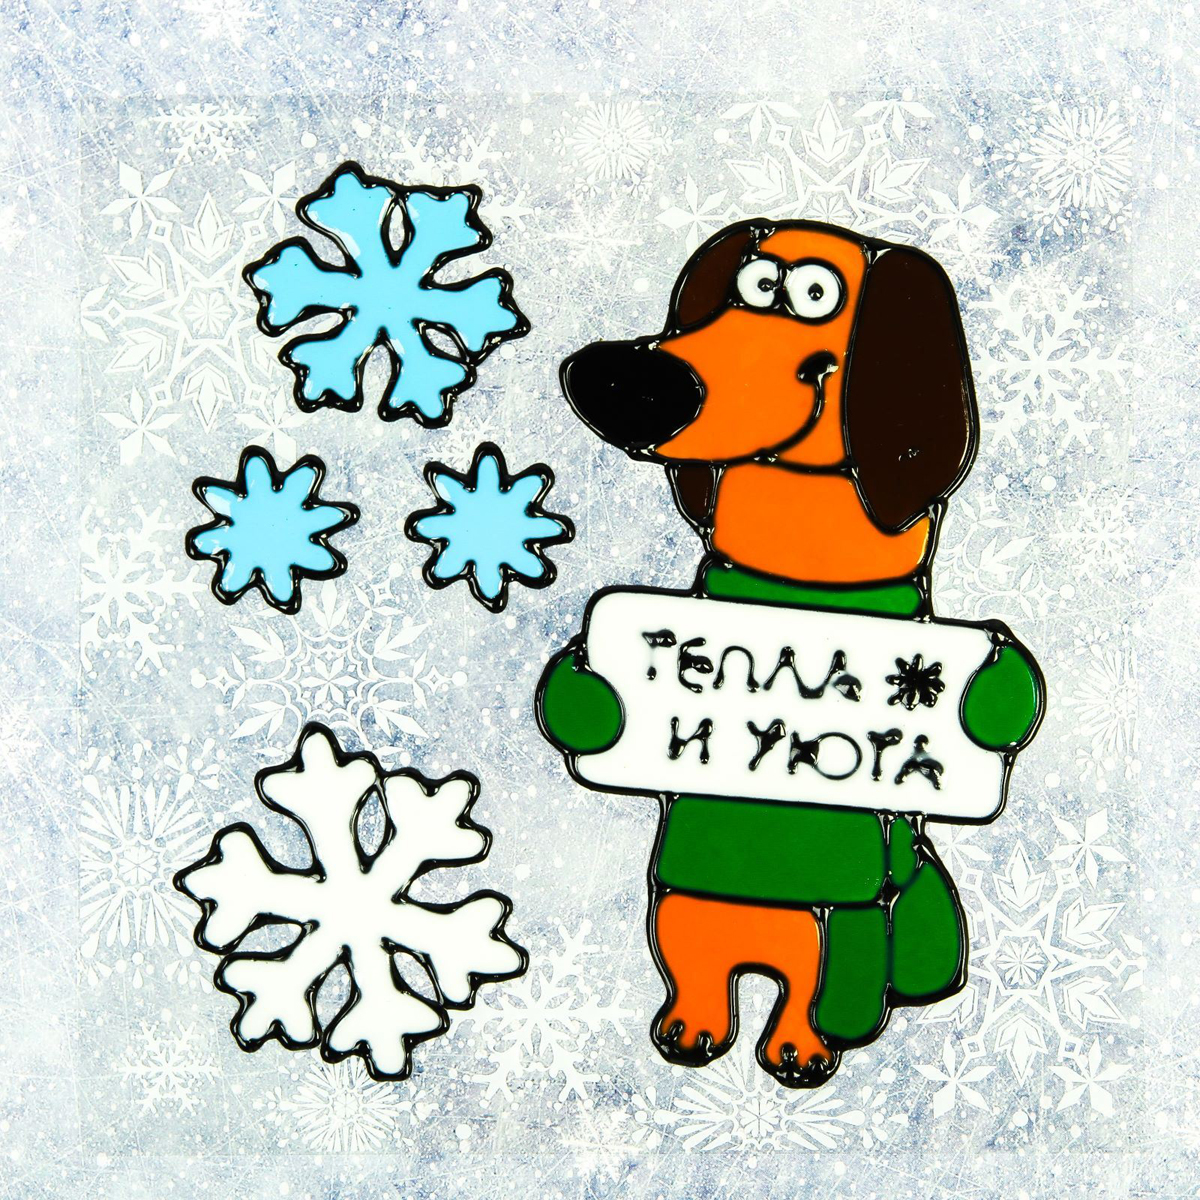 """Новогоднее оконное украшение """"Тепла и уюта"""" поможет украсить дом к предстоящим праздникам. Яркая наклейка крепится к гладкой поверхности стекла посредством статического эффекта. С помощью такого украшения вы сможете оживить интерьер по своему вкусу. Новогодние украшения всегда несут в себе волшебство и красоту праздника. Создайте в своем доме атмосферу тепла, веселья и радости, украшая его всей семьей."""